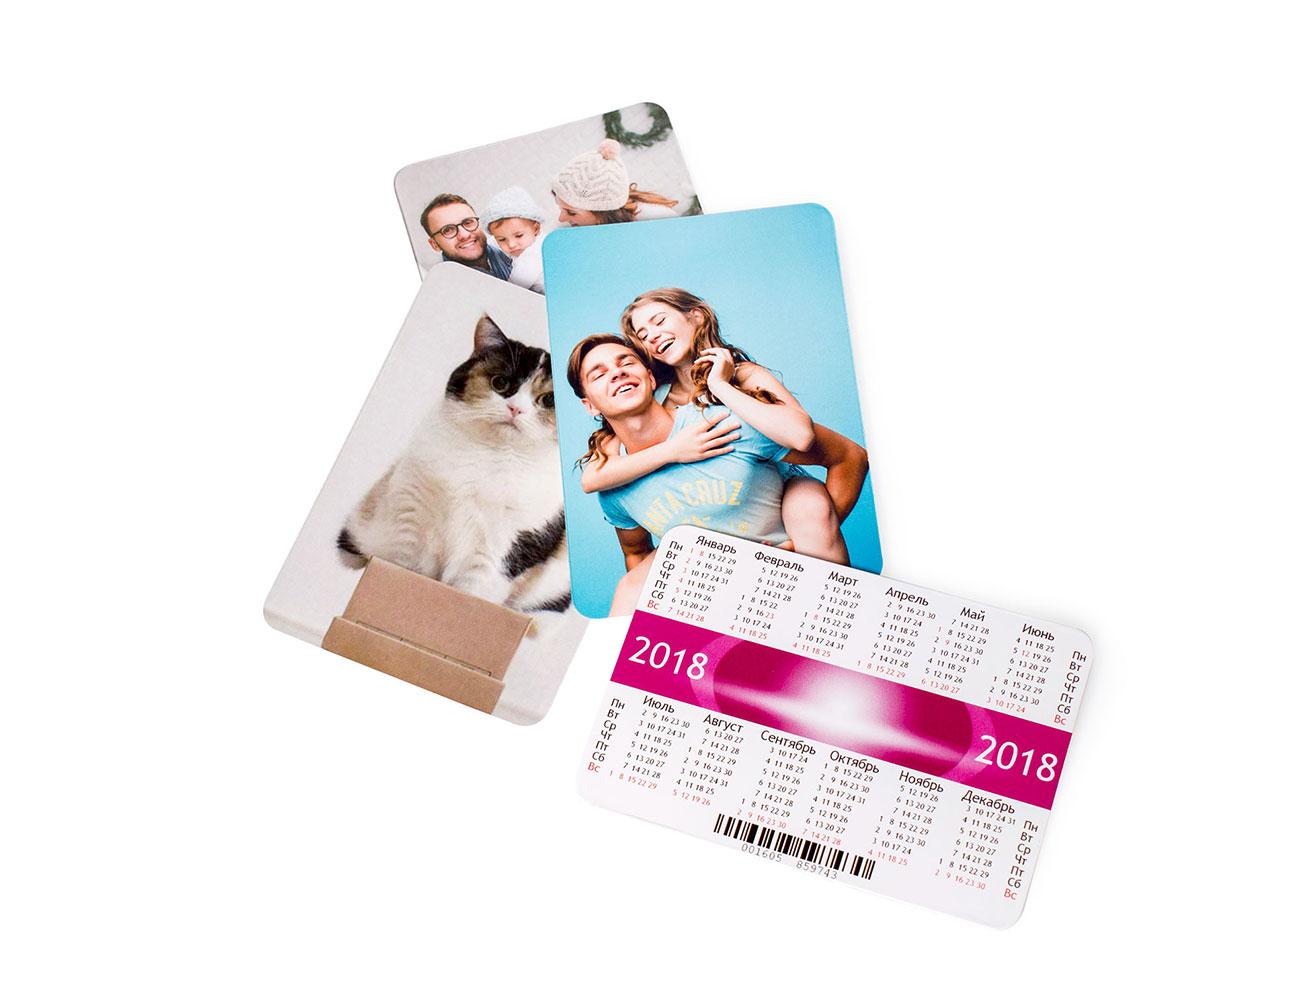 Календарь с фото карманный: изготовление и печать на заказ в NetPrint